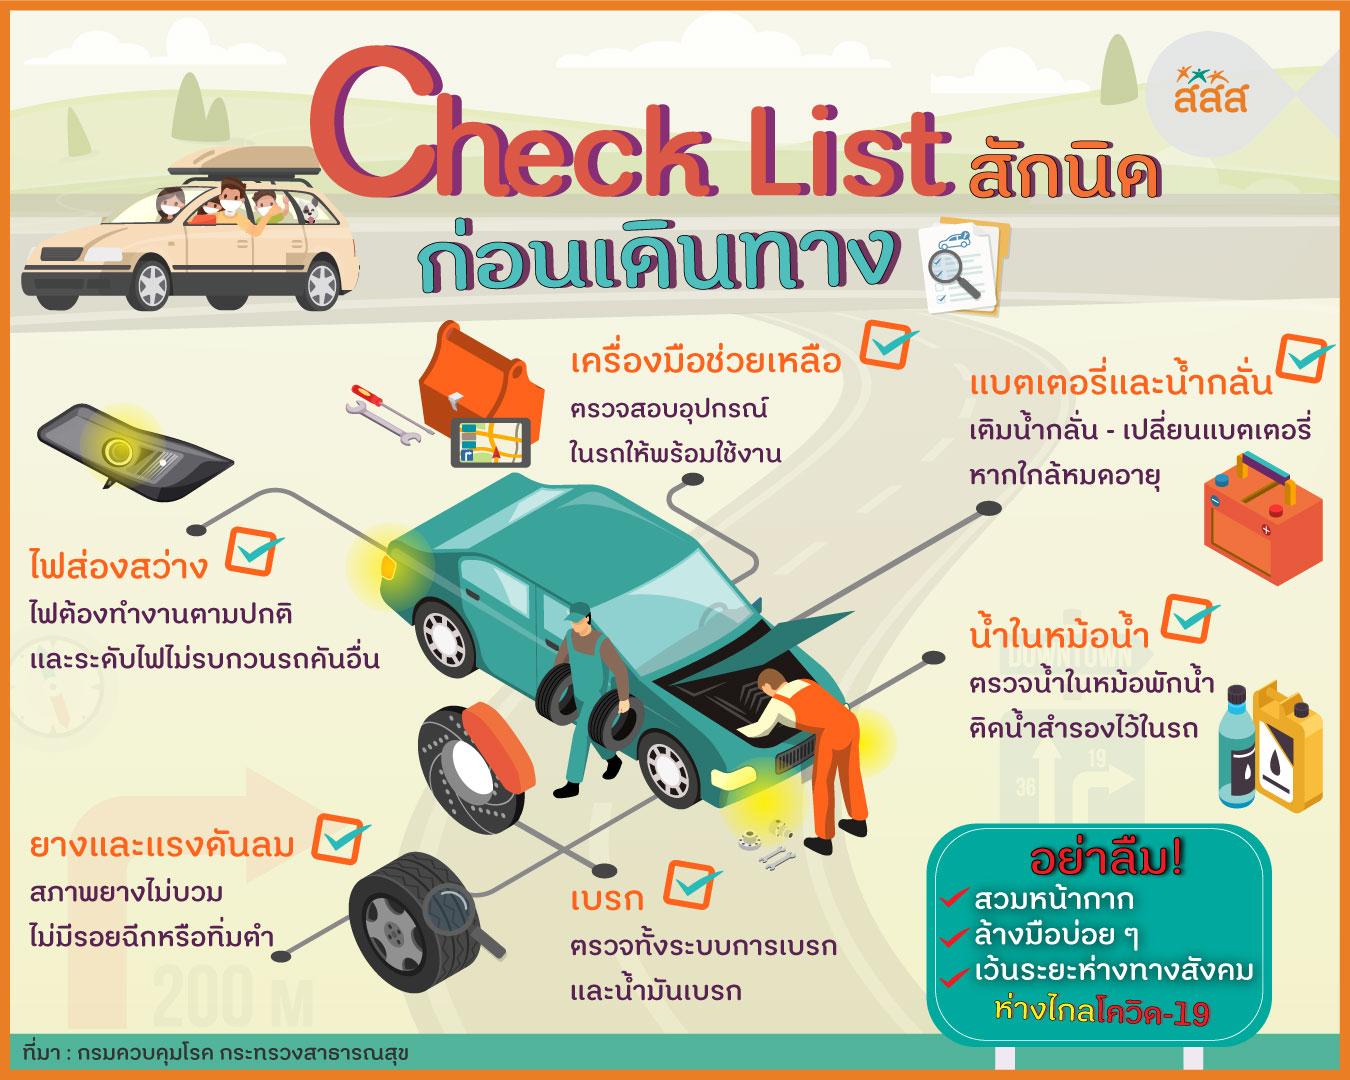 Check List สักนิดก่อนเดินทาง thaihealth